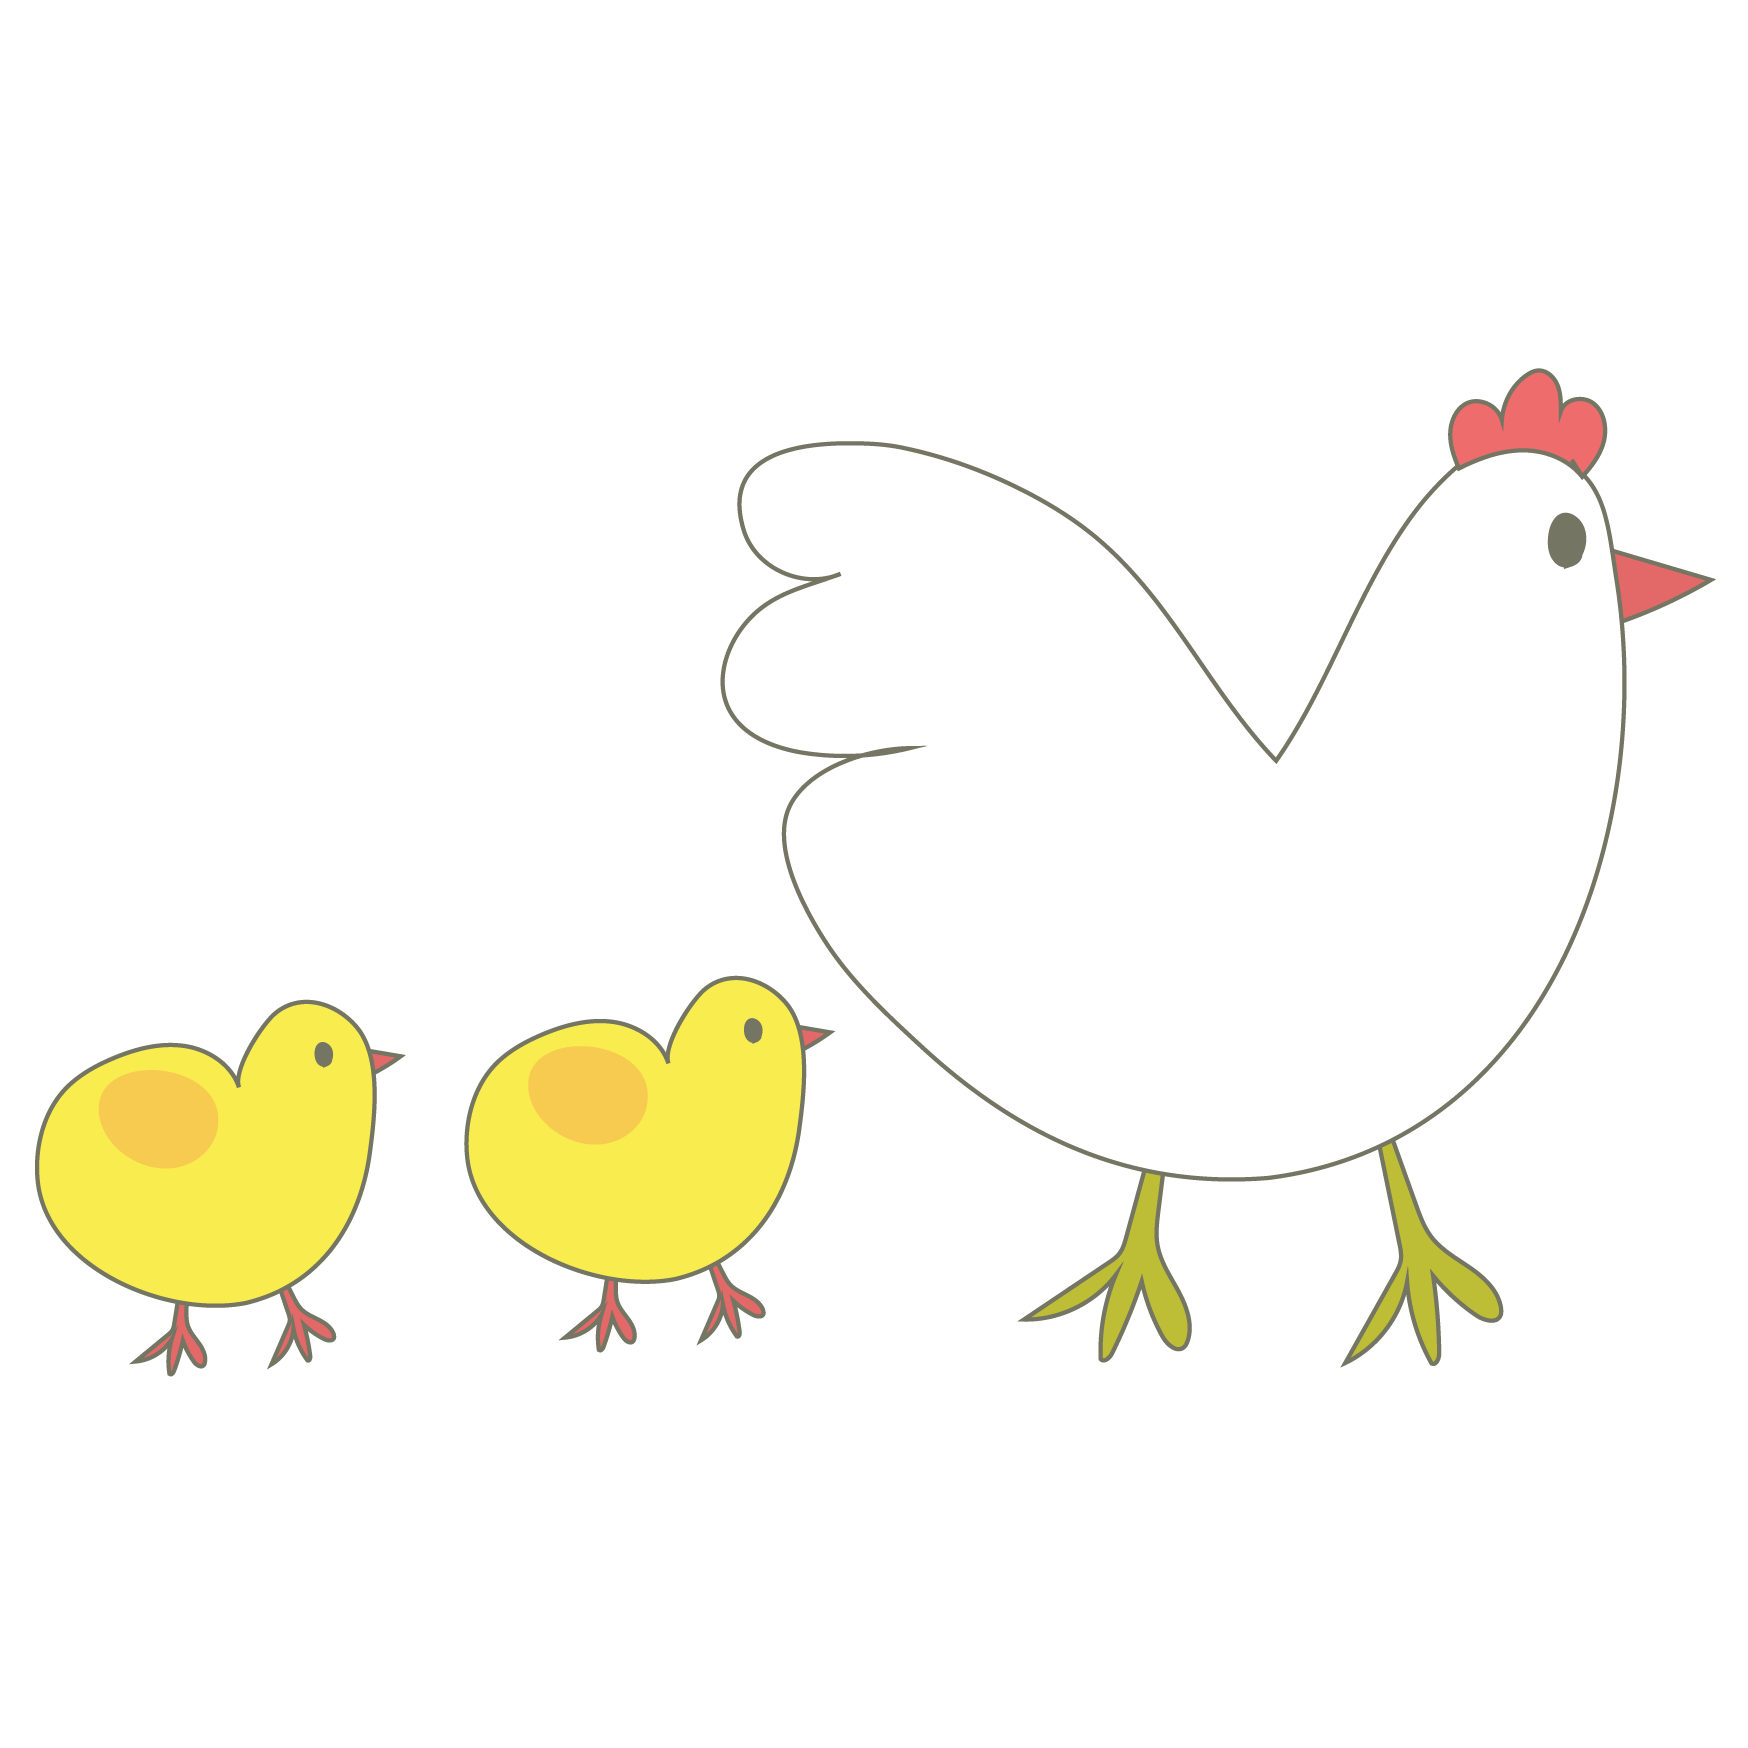 かわいい鶏とヒヨコの親子 イラスト 2017年酉年 | 商用フリー(無料)の